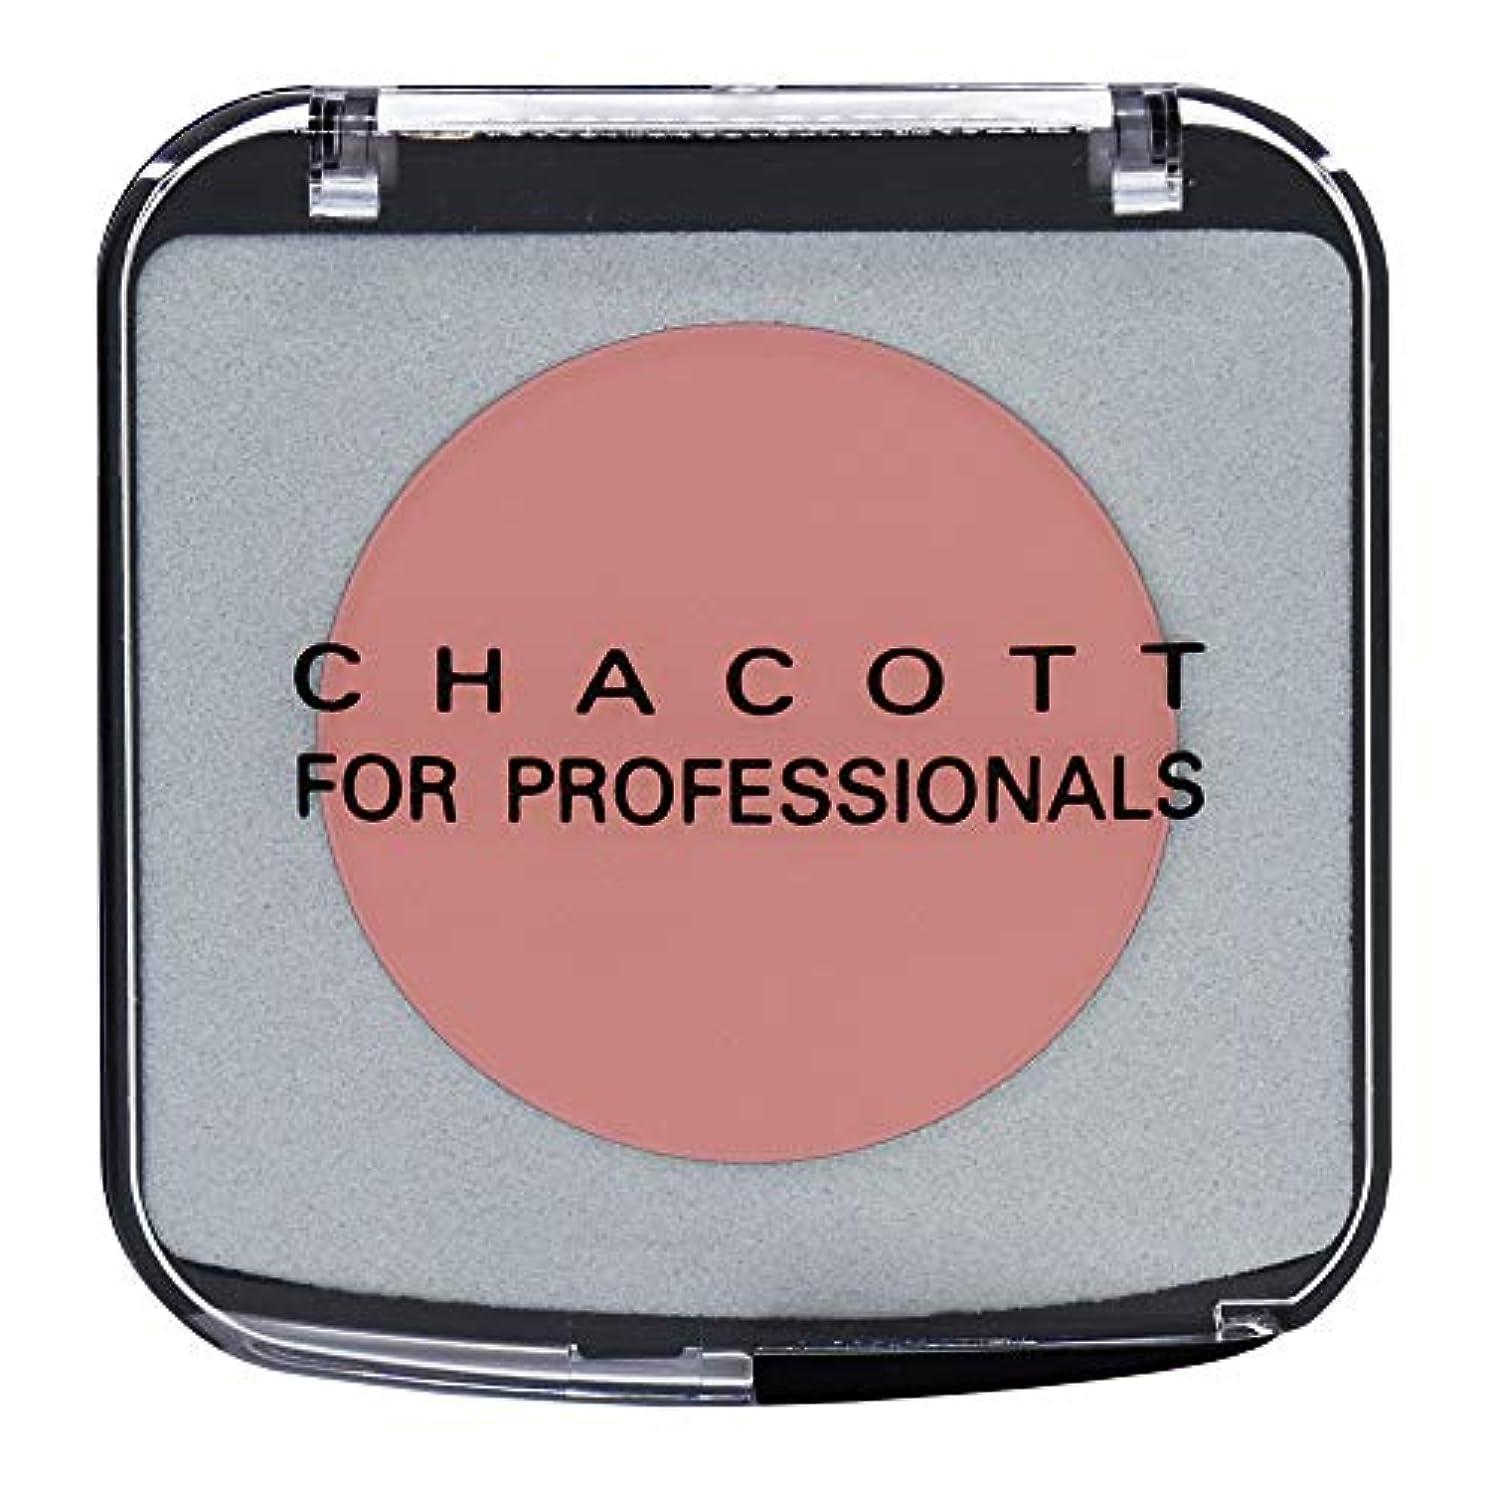 価格楽な面倒CHACOTT<チャコット> カラーバリエーション 617.テラコッタ